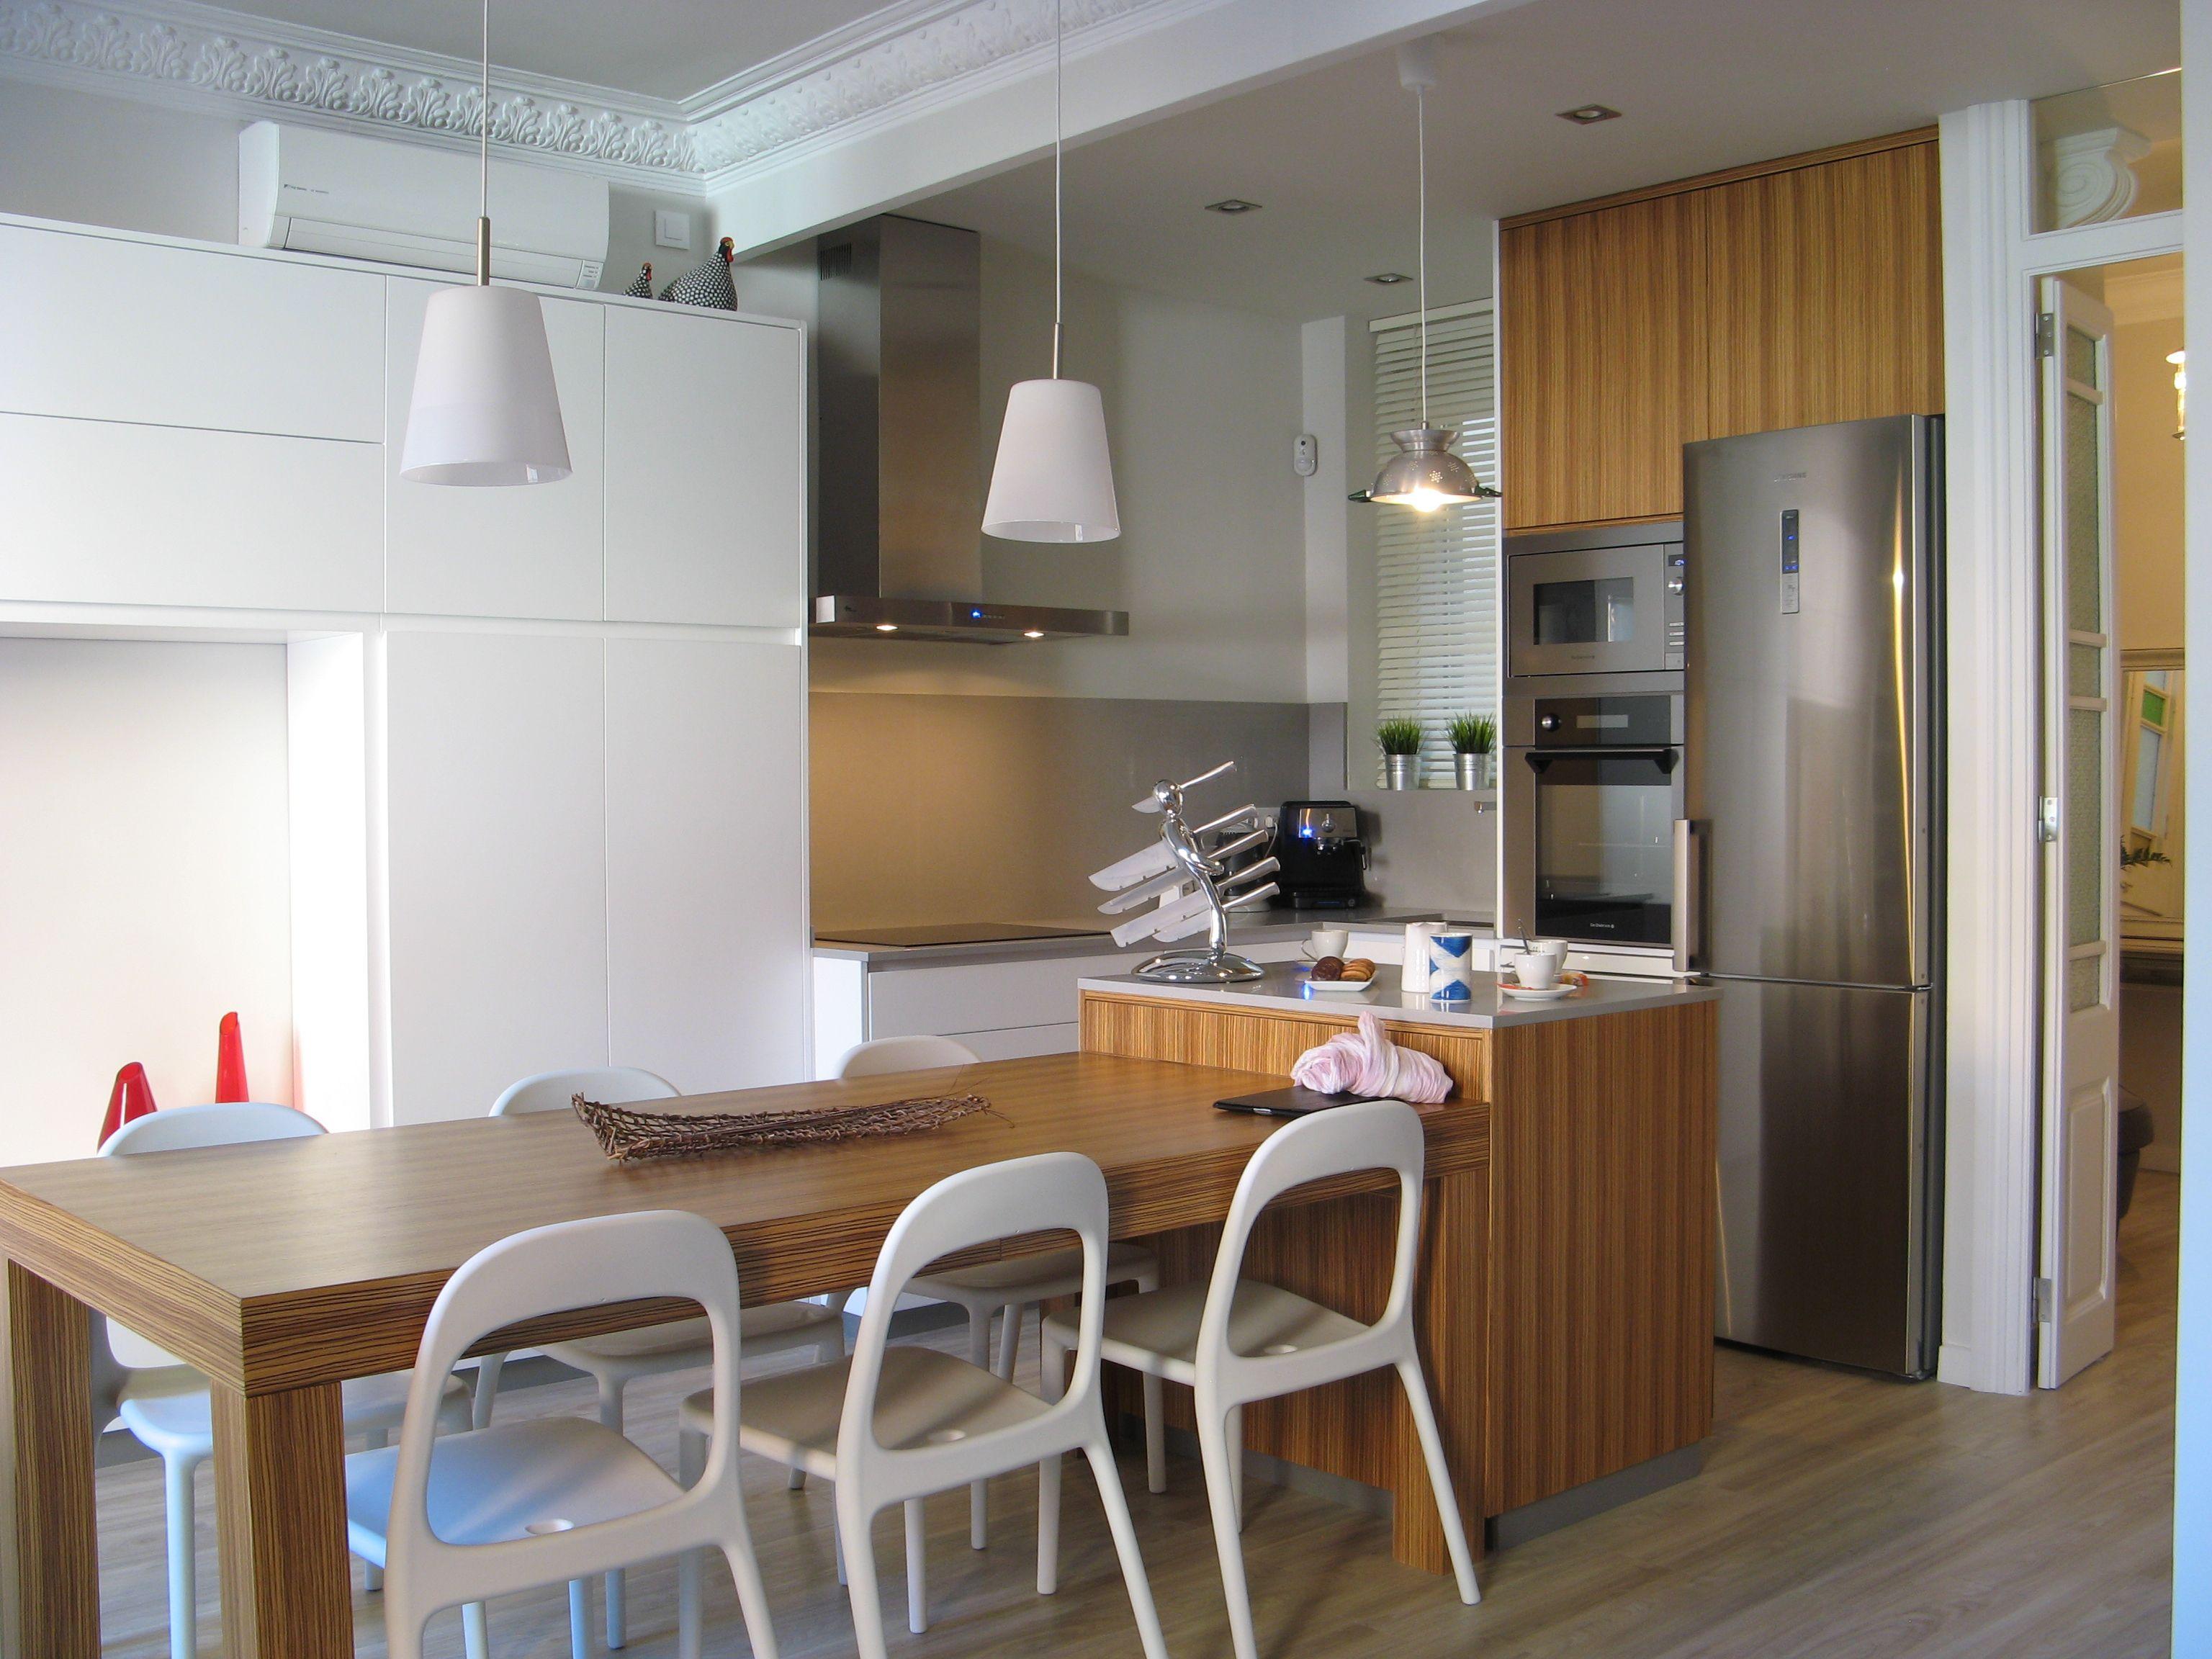 Ideas de #Casas de #Comedor, #Cocina, estilo #Mediterraneo diseñado ...